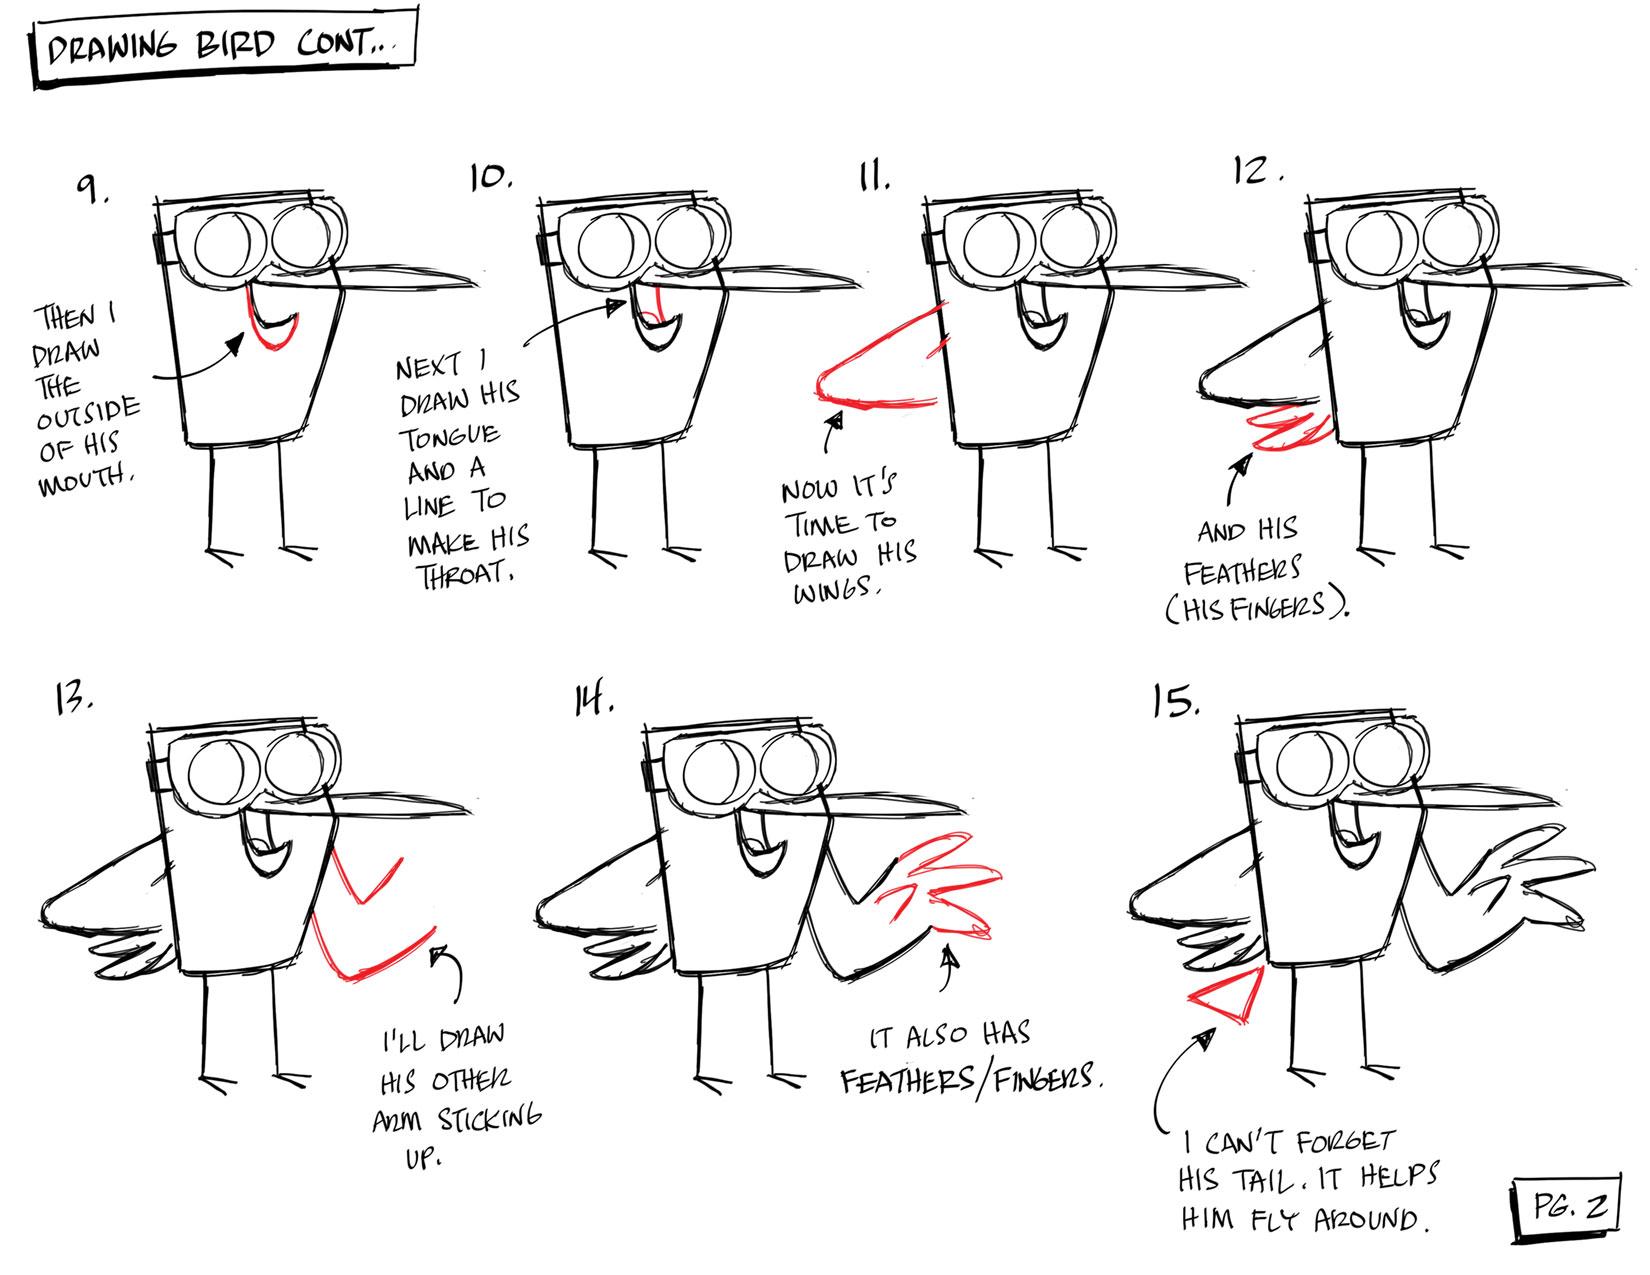 drawing_bird2.jpg